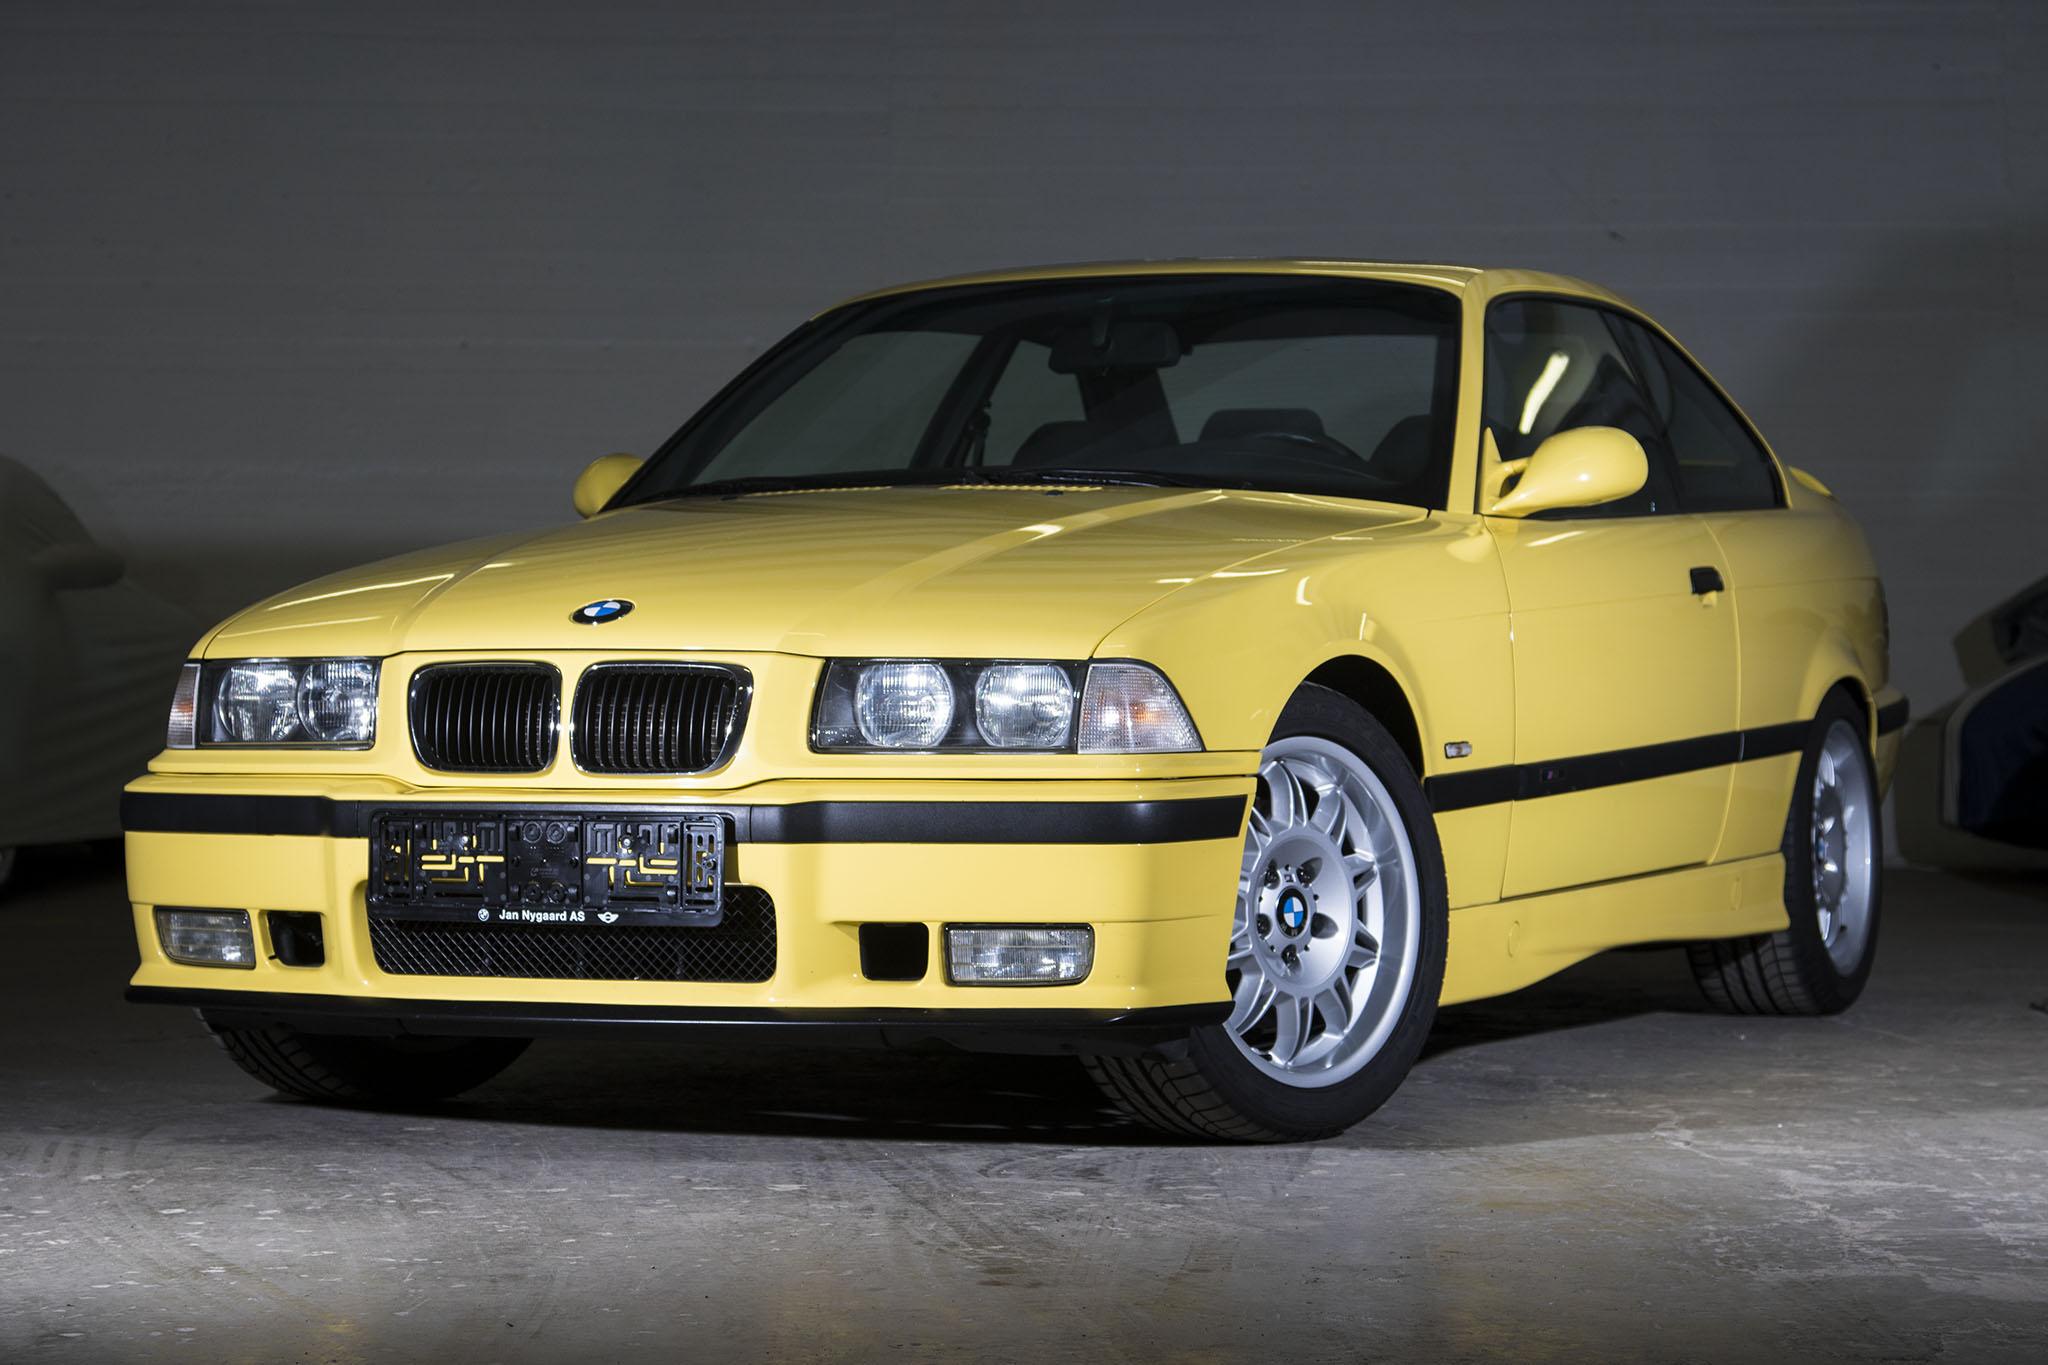 Den gule BMW M3 E36, var en af Anders Richters første biler. Den blev solgt sidste år med 300% fortjeneste efter 6-7 år.